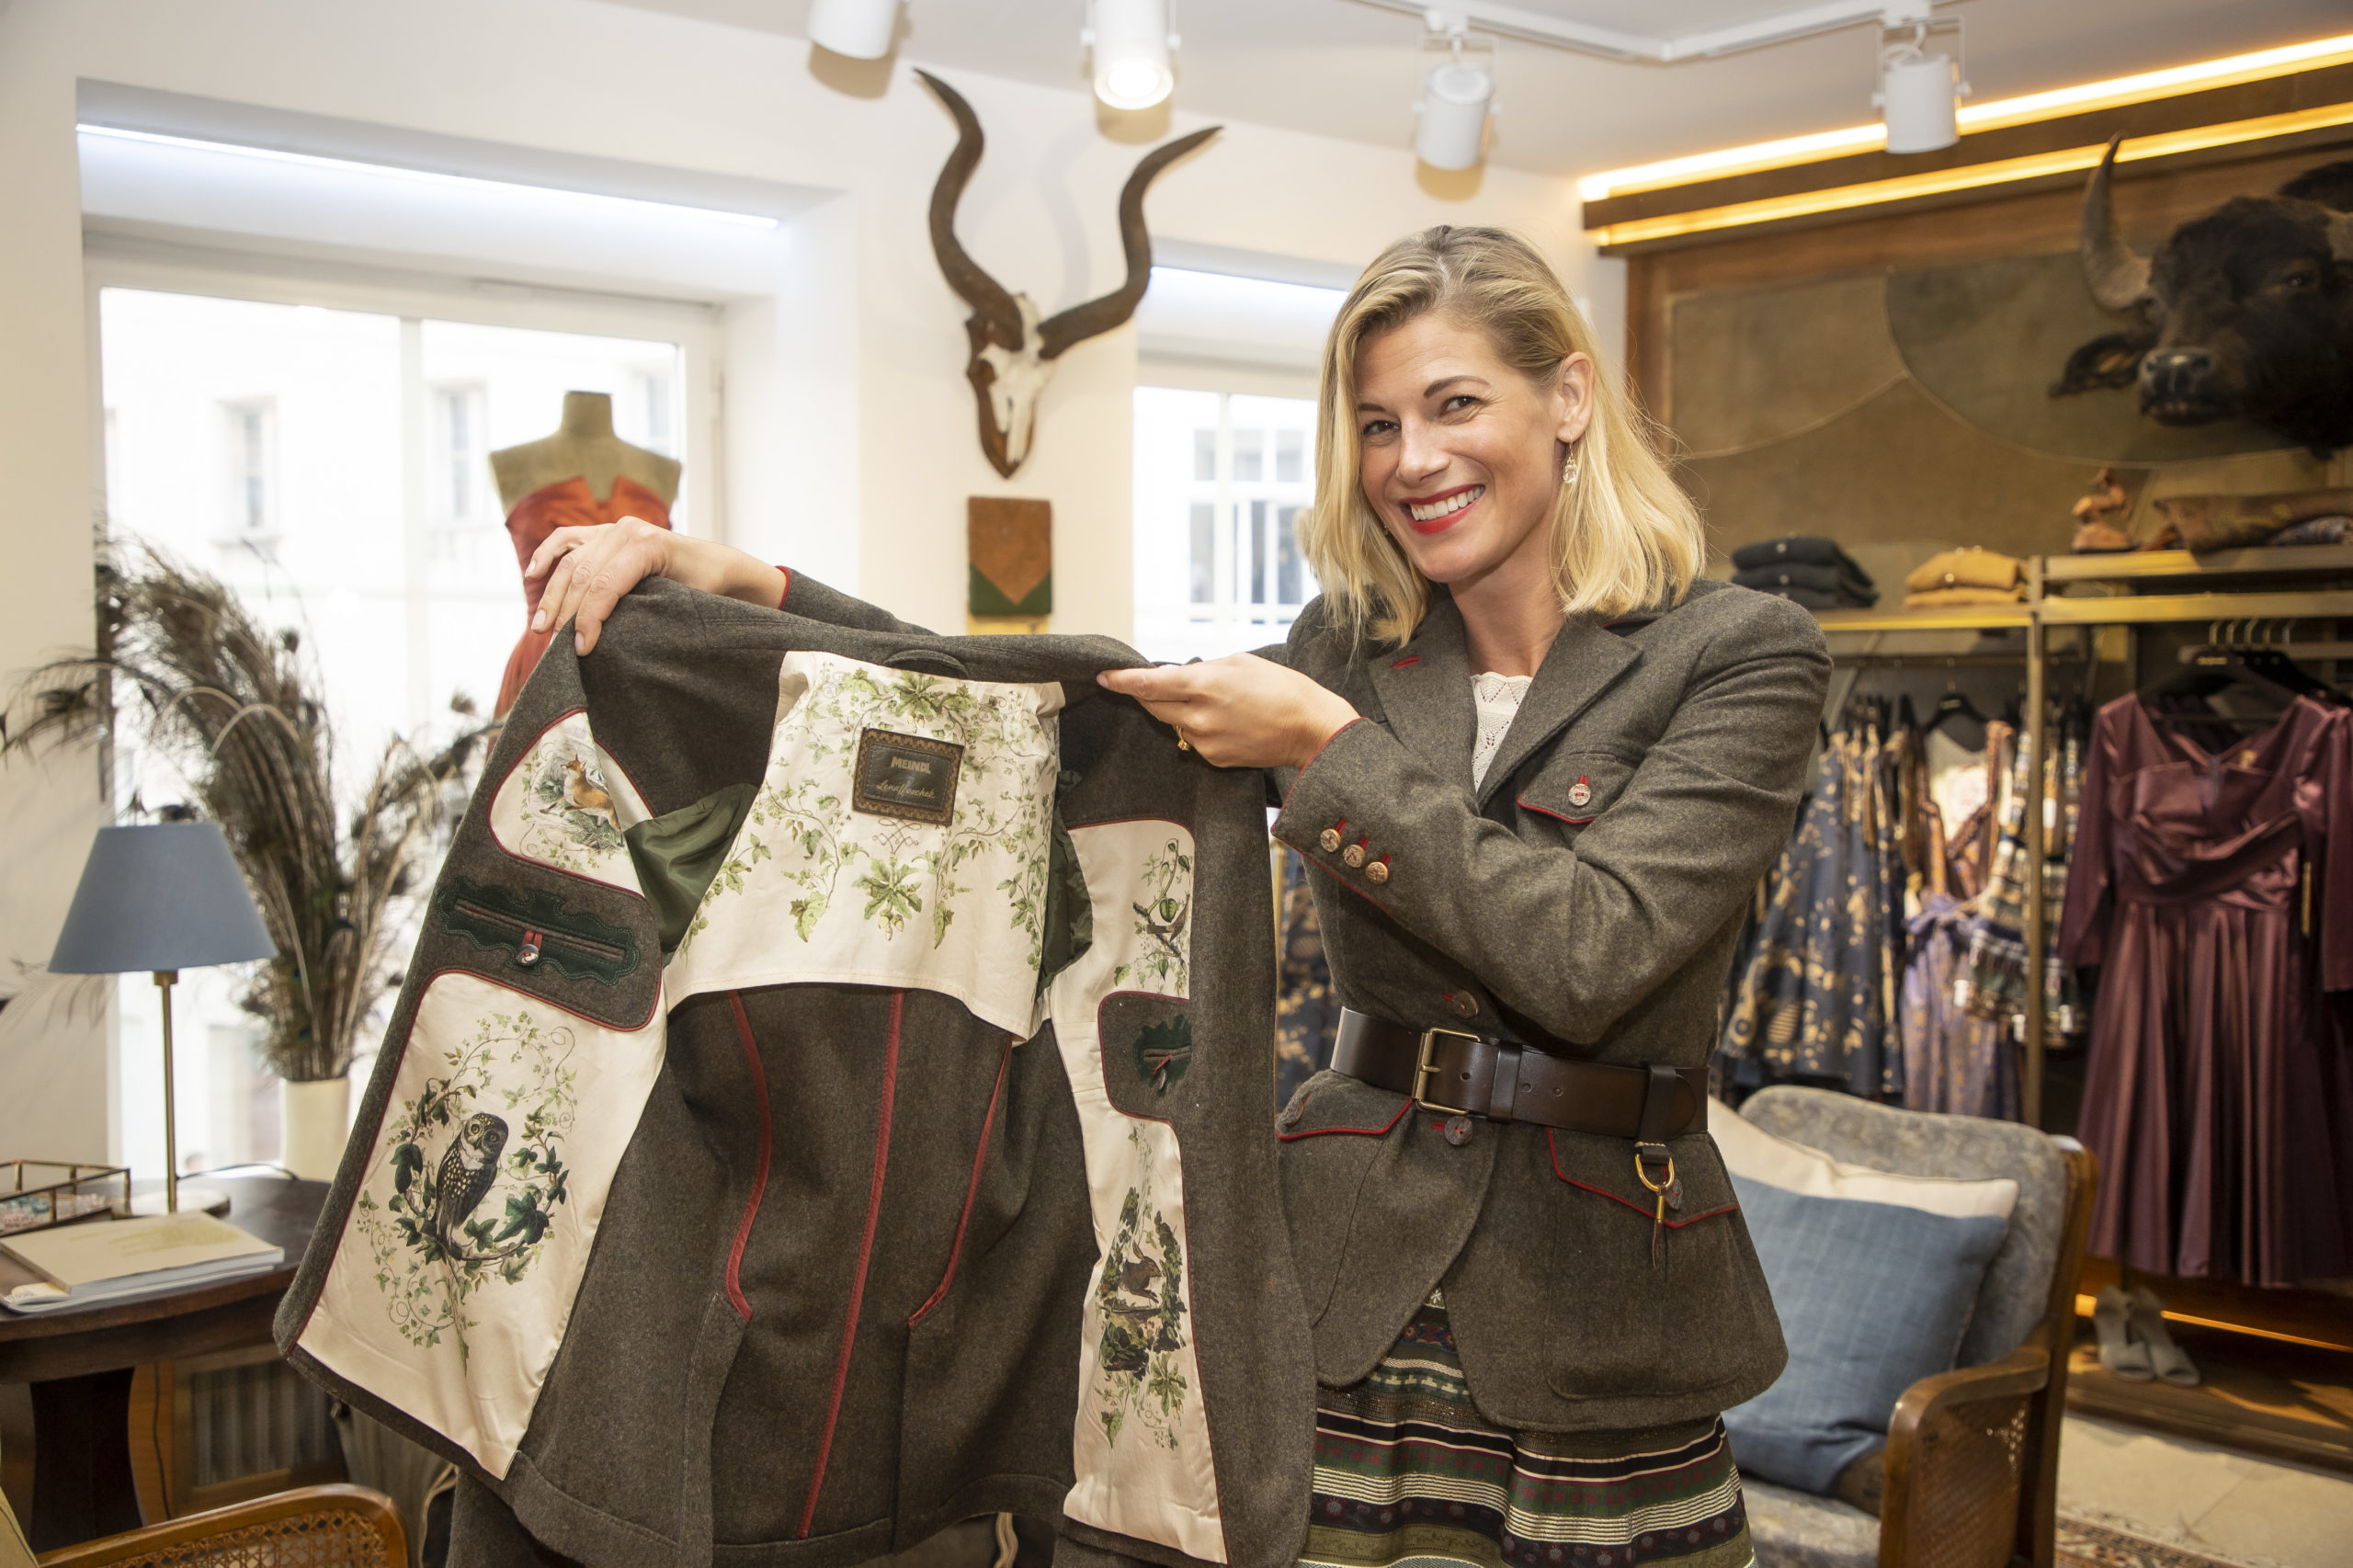 Daniele Meindl stellt neue Jägerinnen Jacke von Lena Hoschek vor